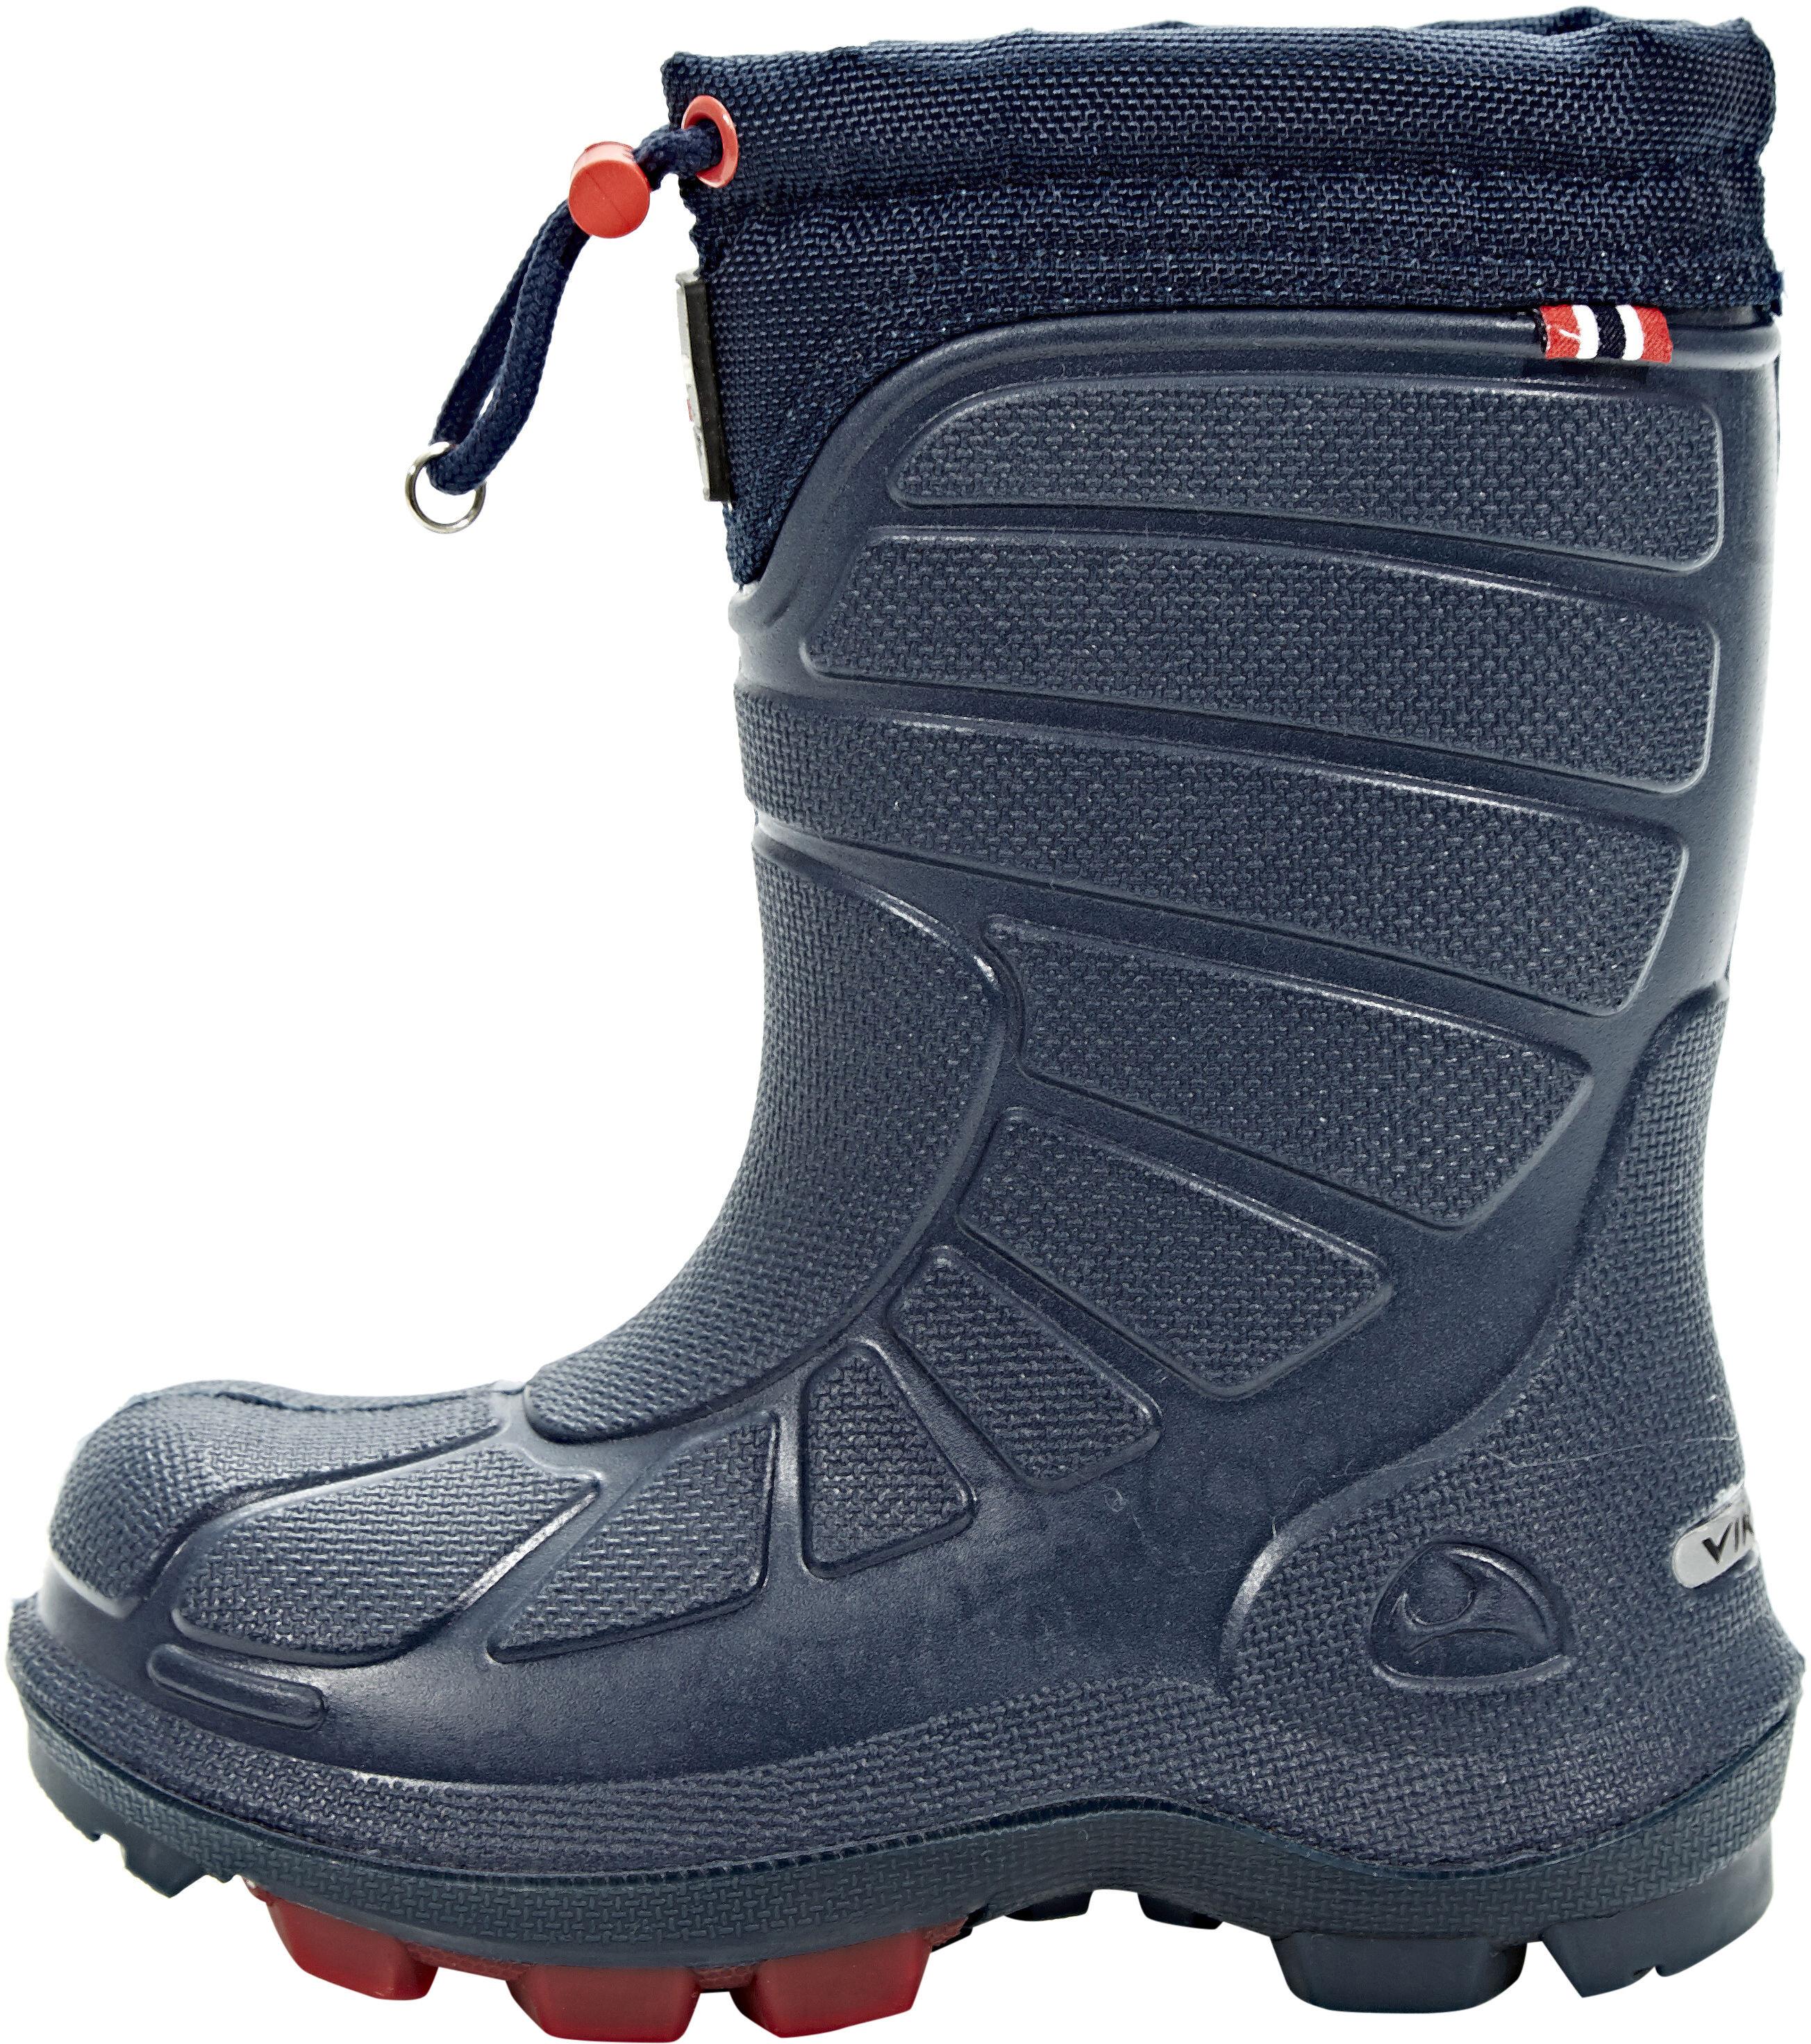 b0e18c612b3 Viking Footwear Extreme Gummistøvler Børn blå | Find outdoortøj, sko ...